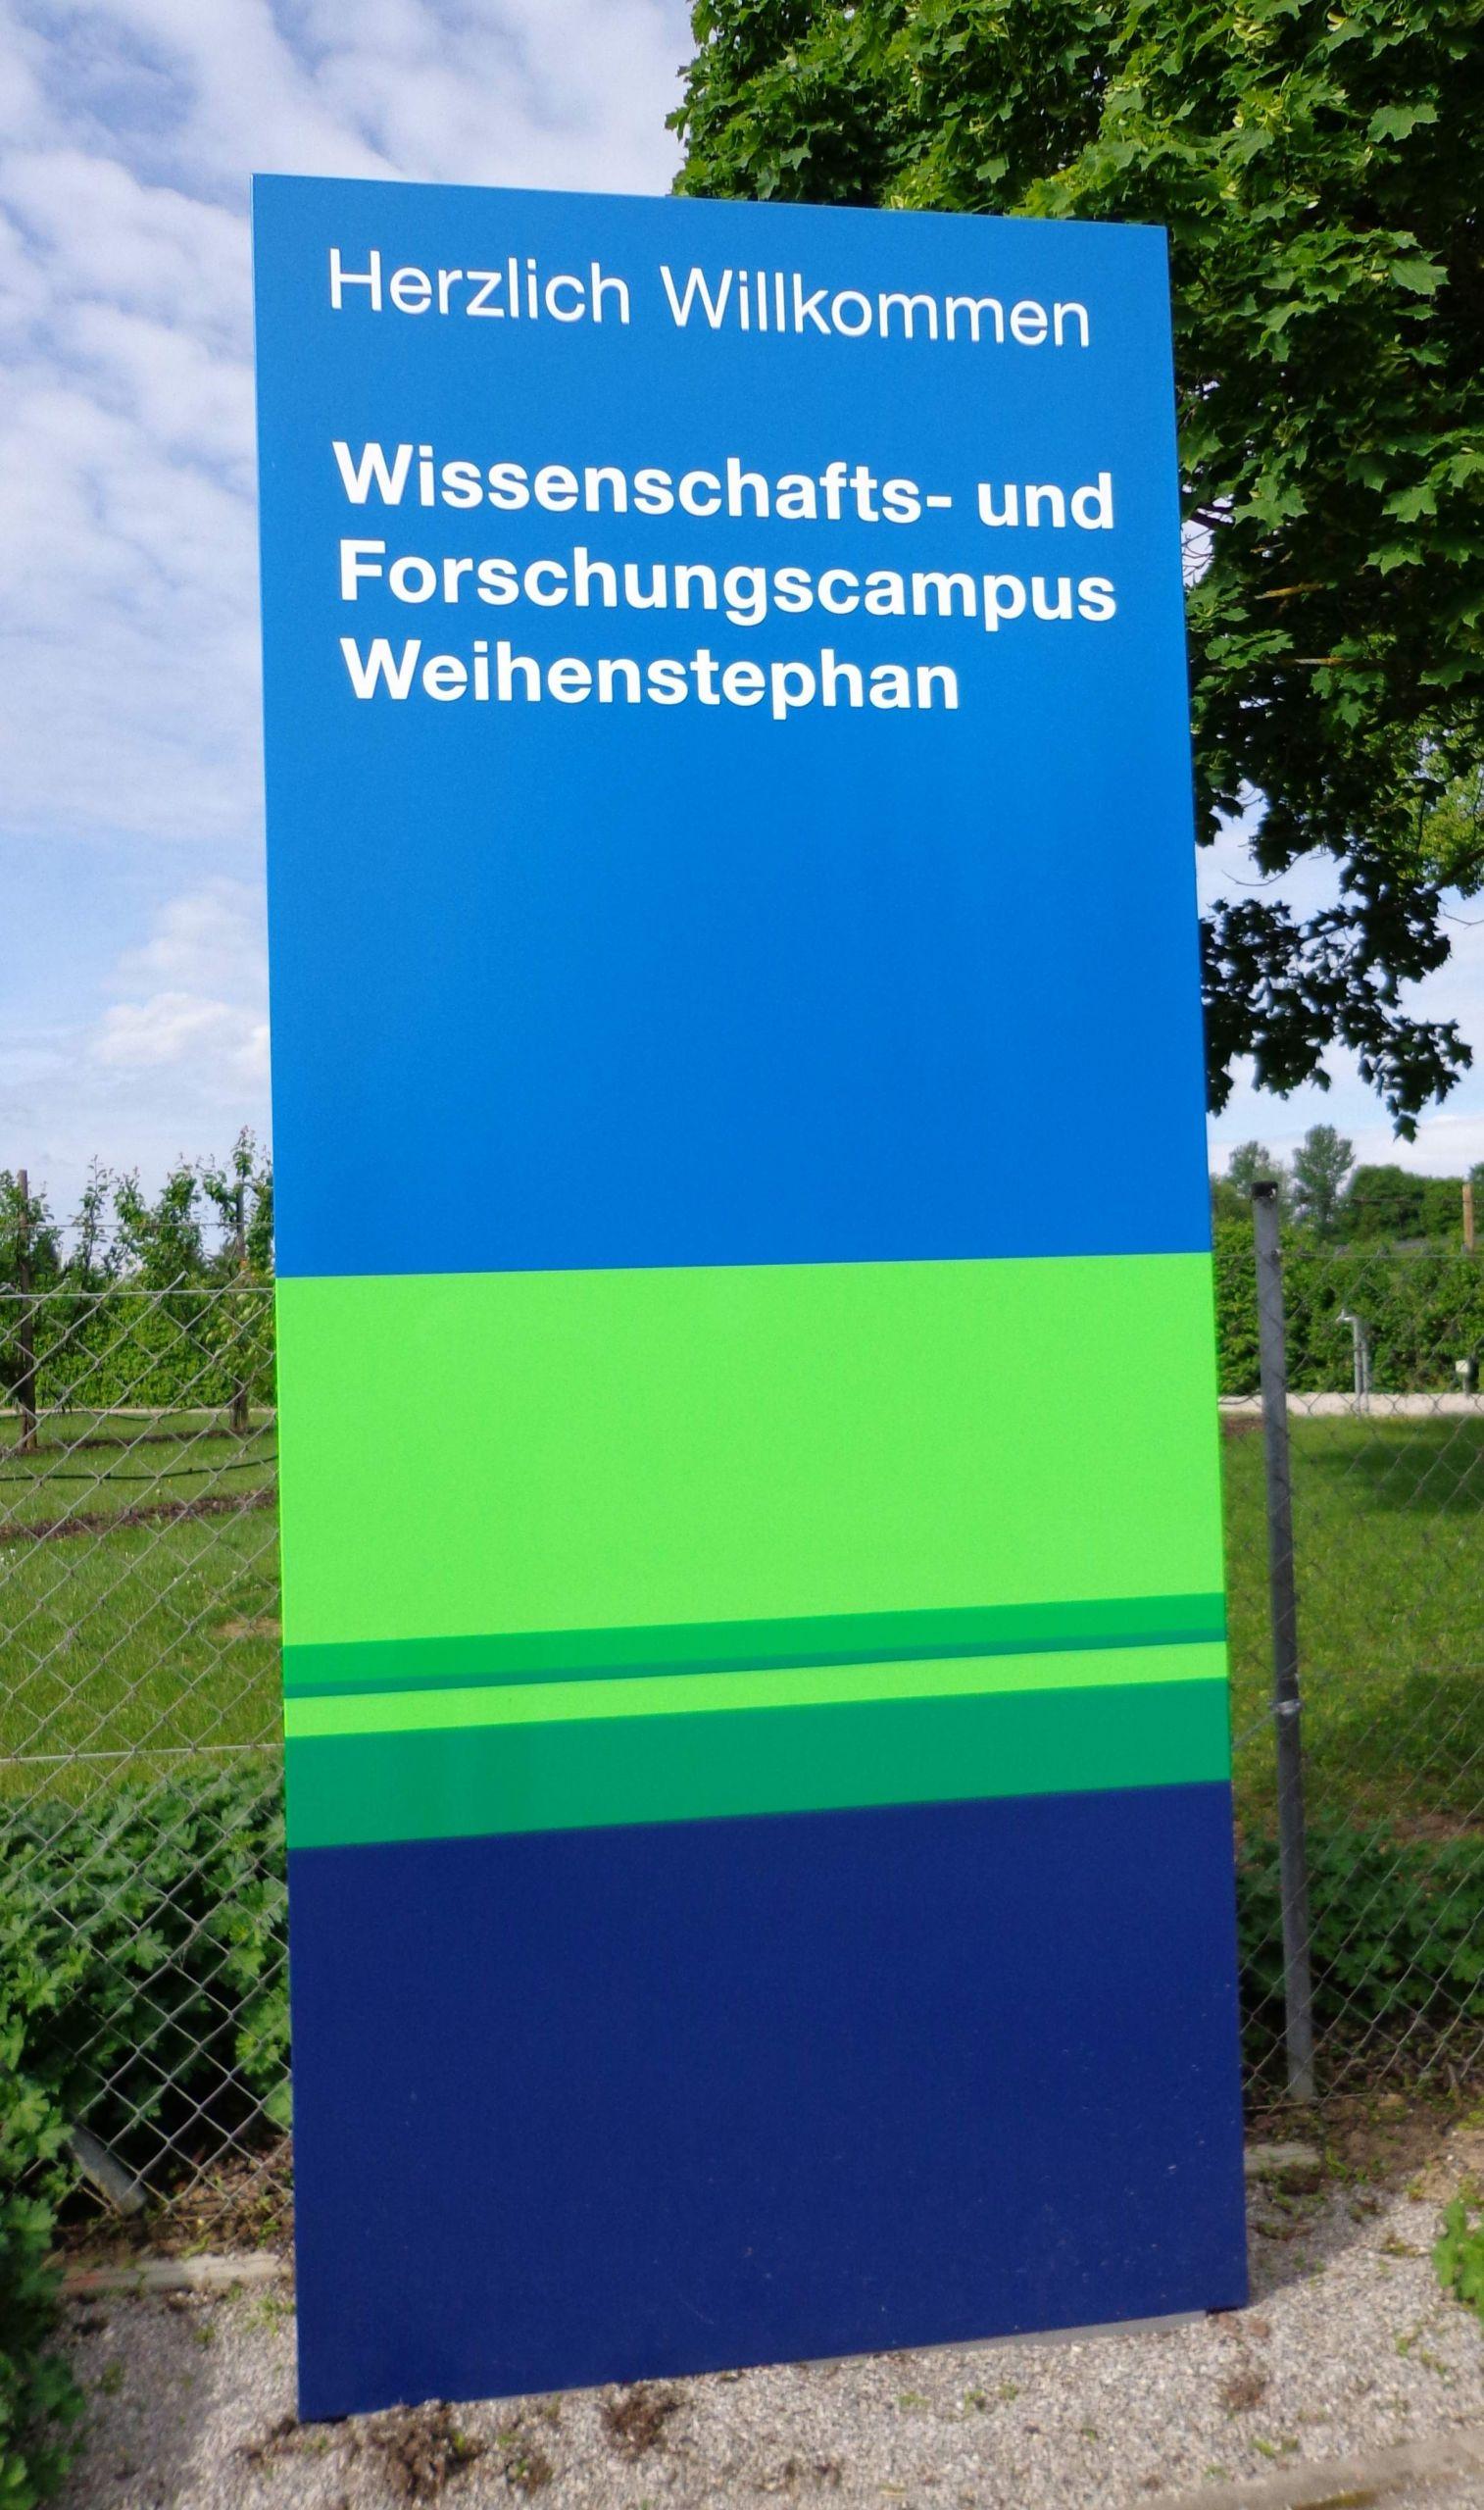 Hinweistafel am Campus Freising Weihenstephan